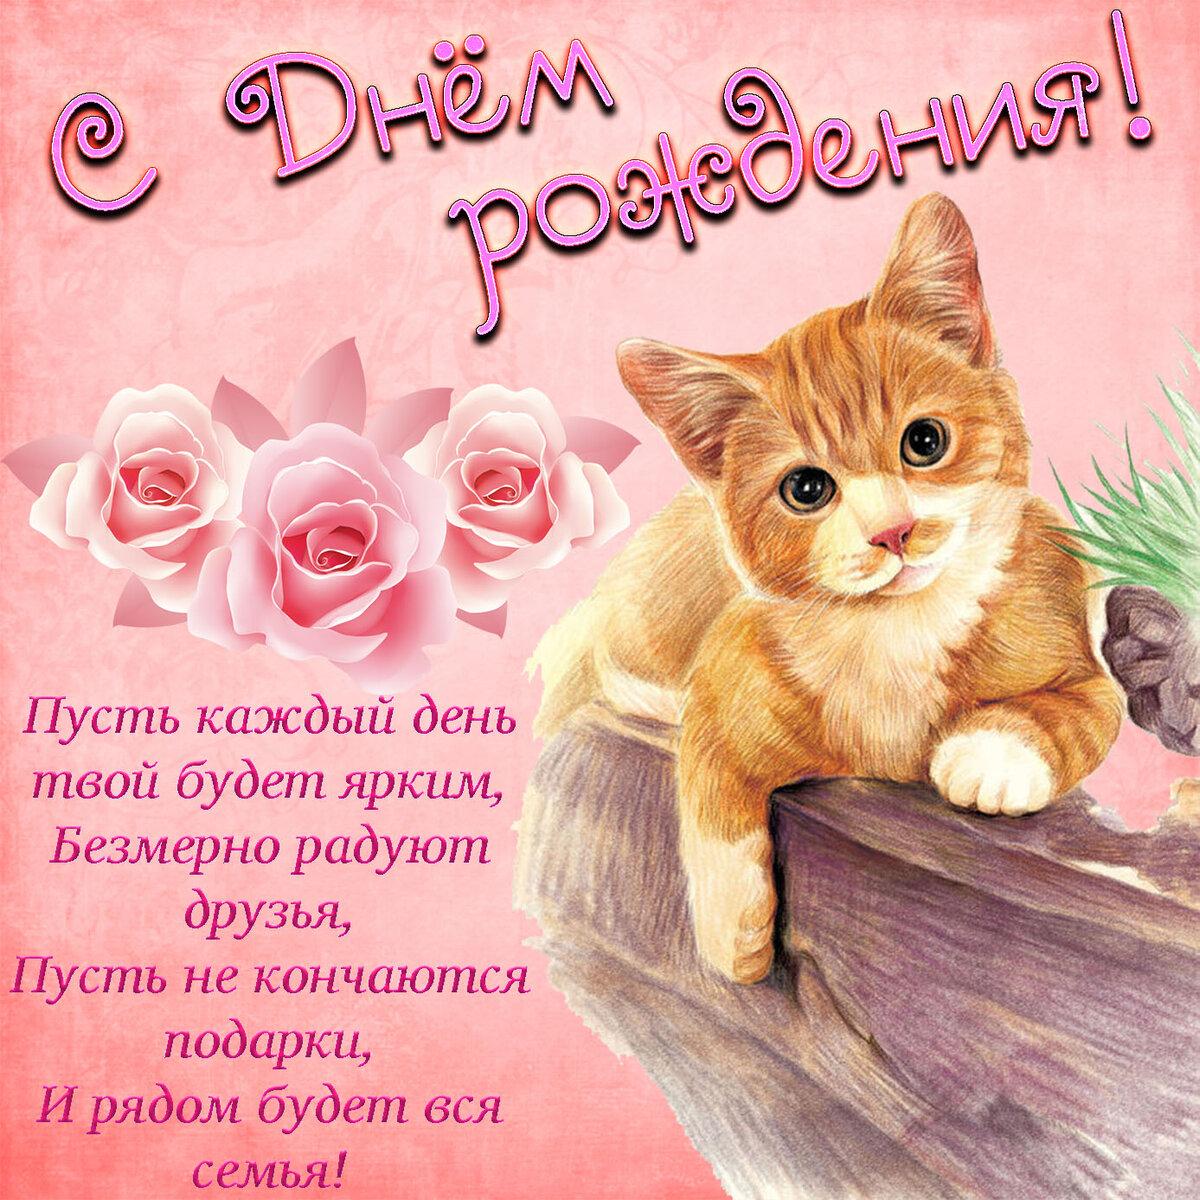 того открытки в день рождения дочке с котятами любите